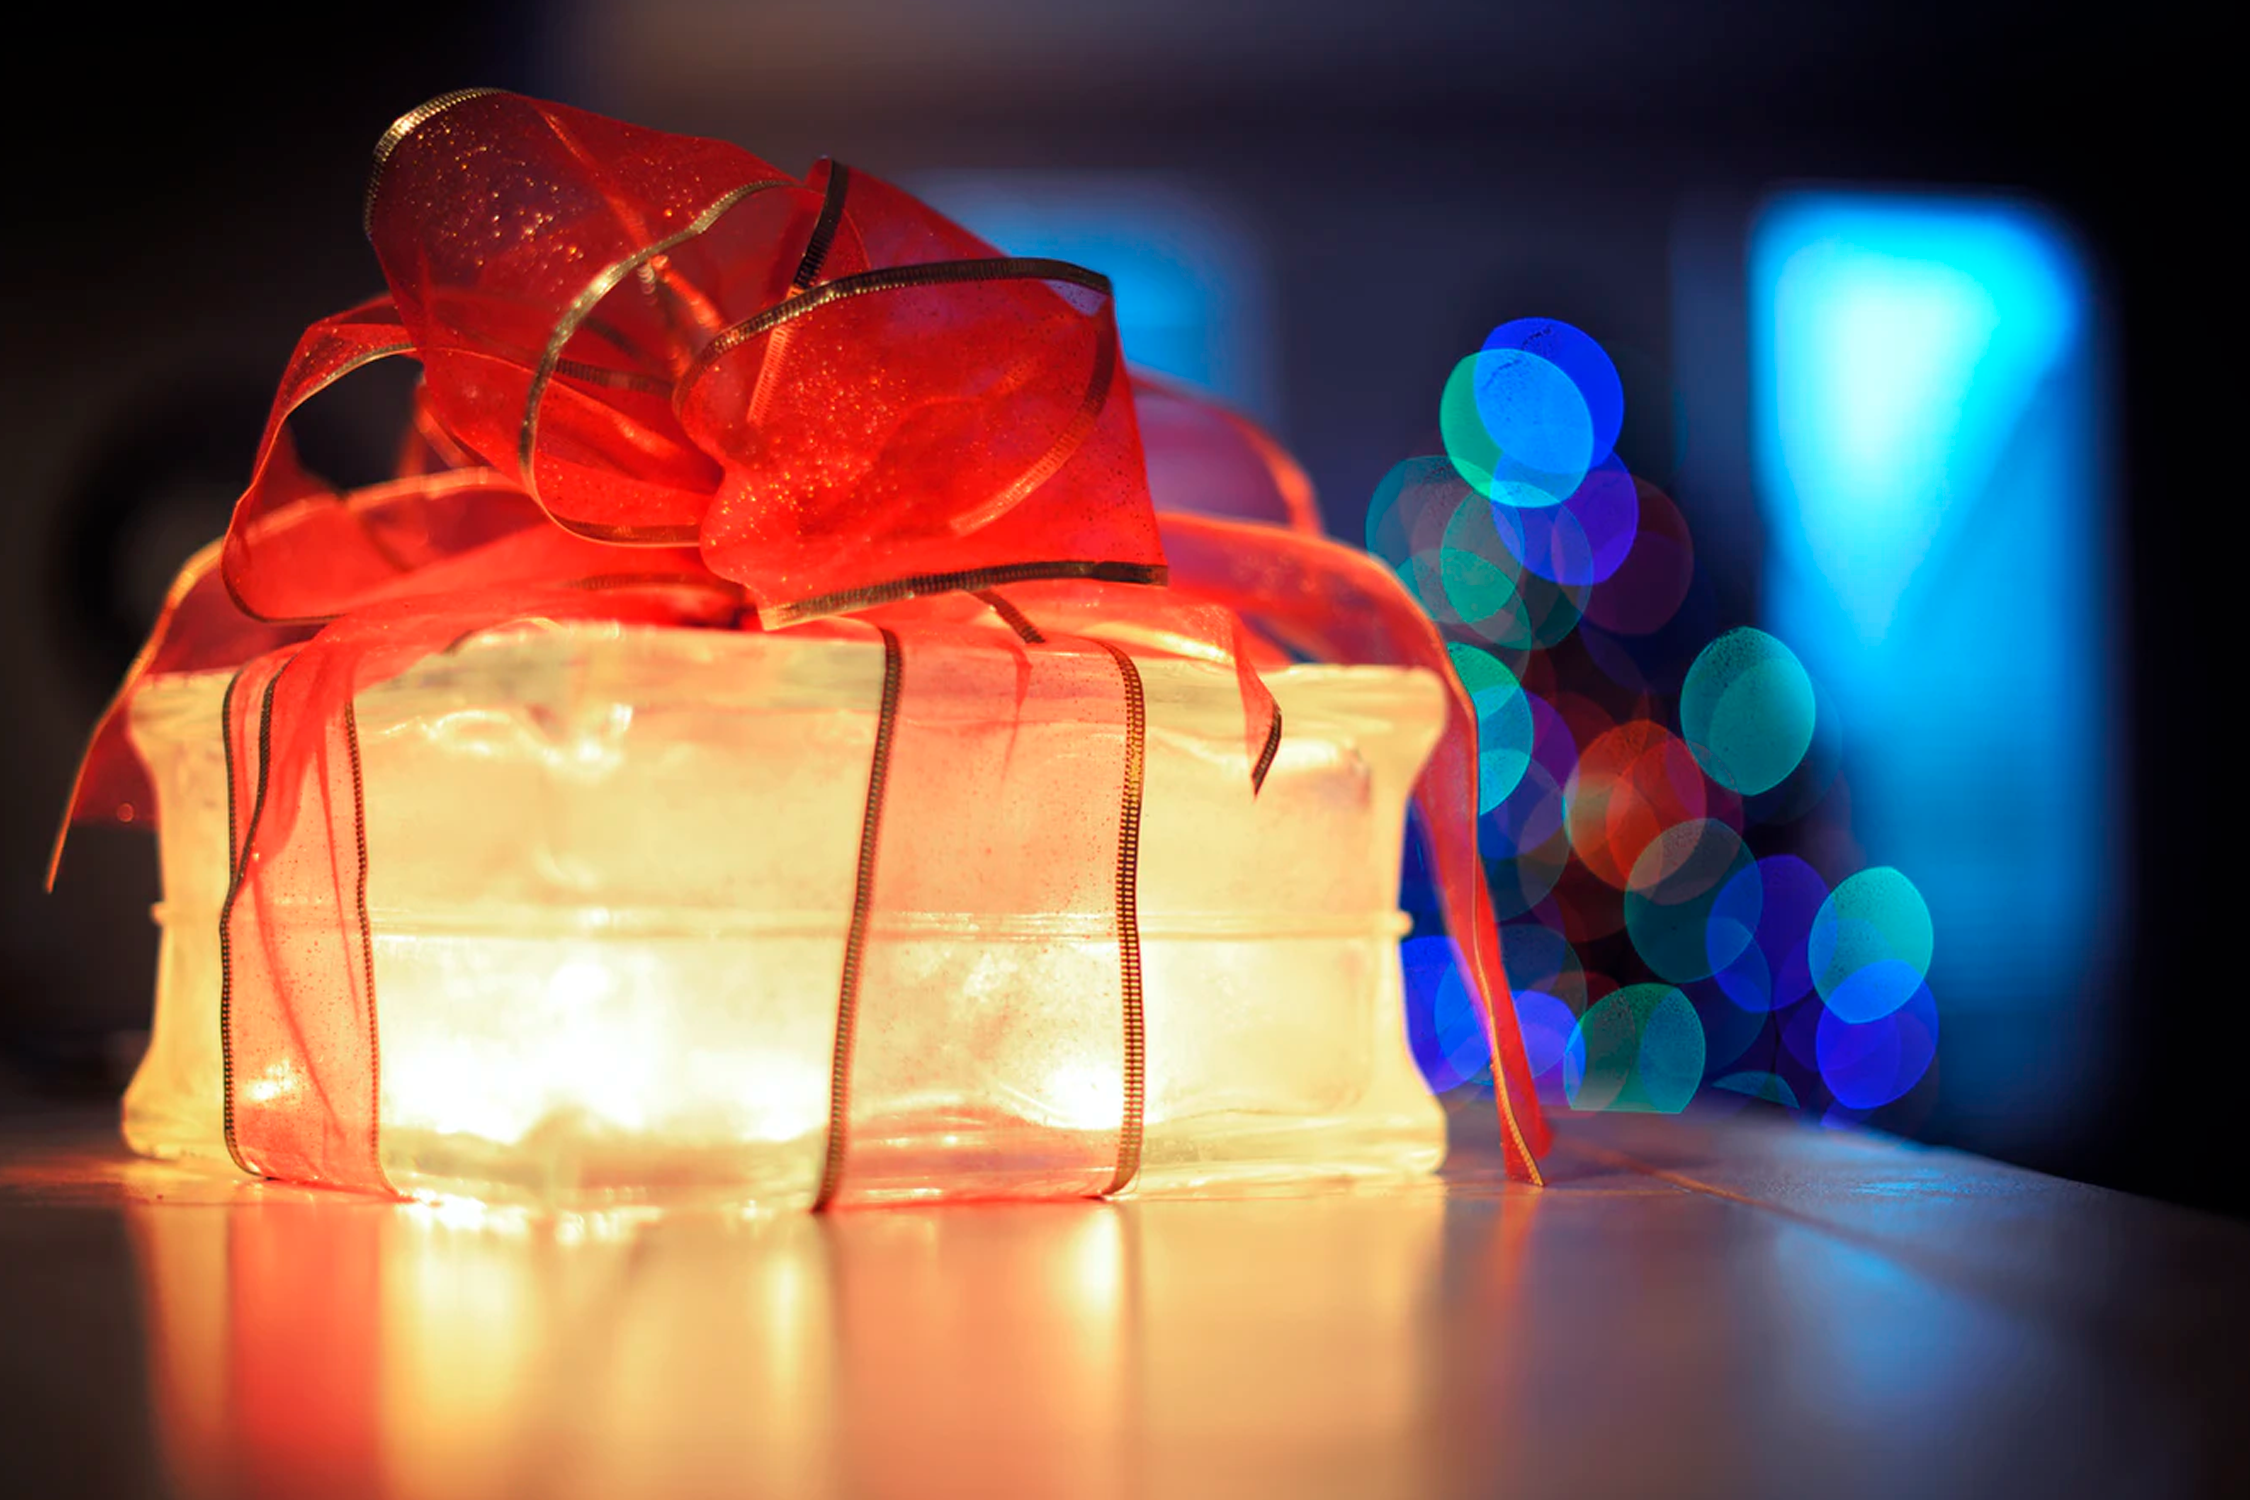 Vuelve la ilusión con la lotería de Navidad